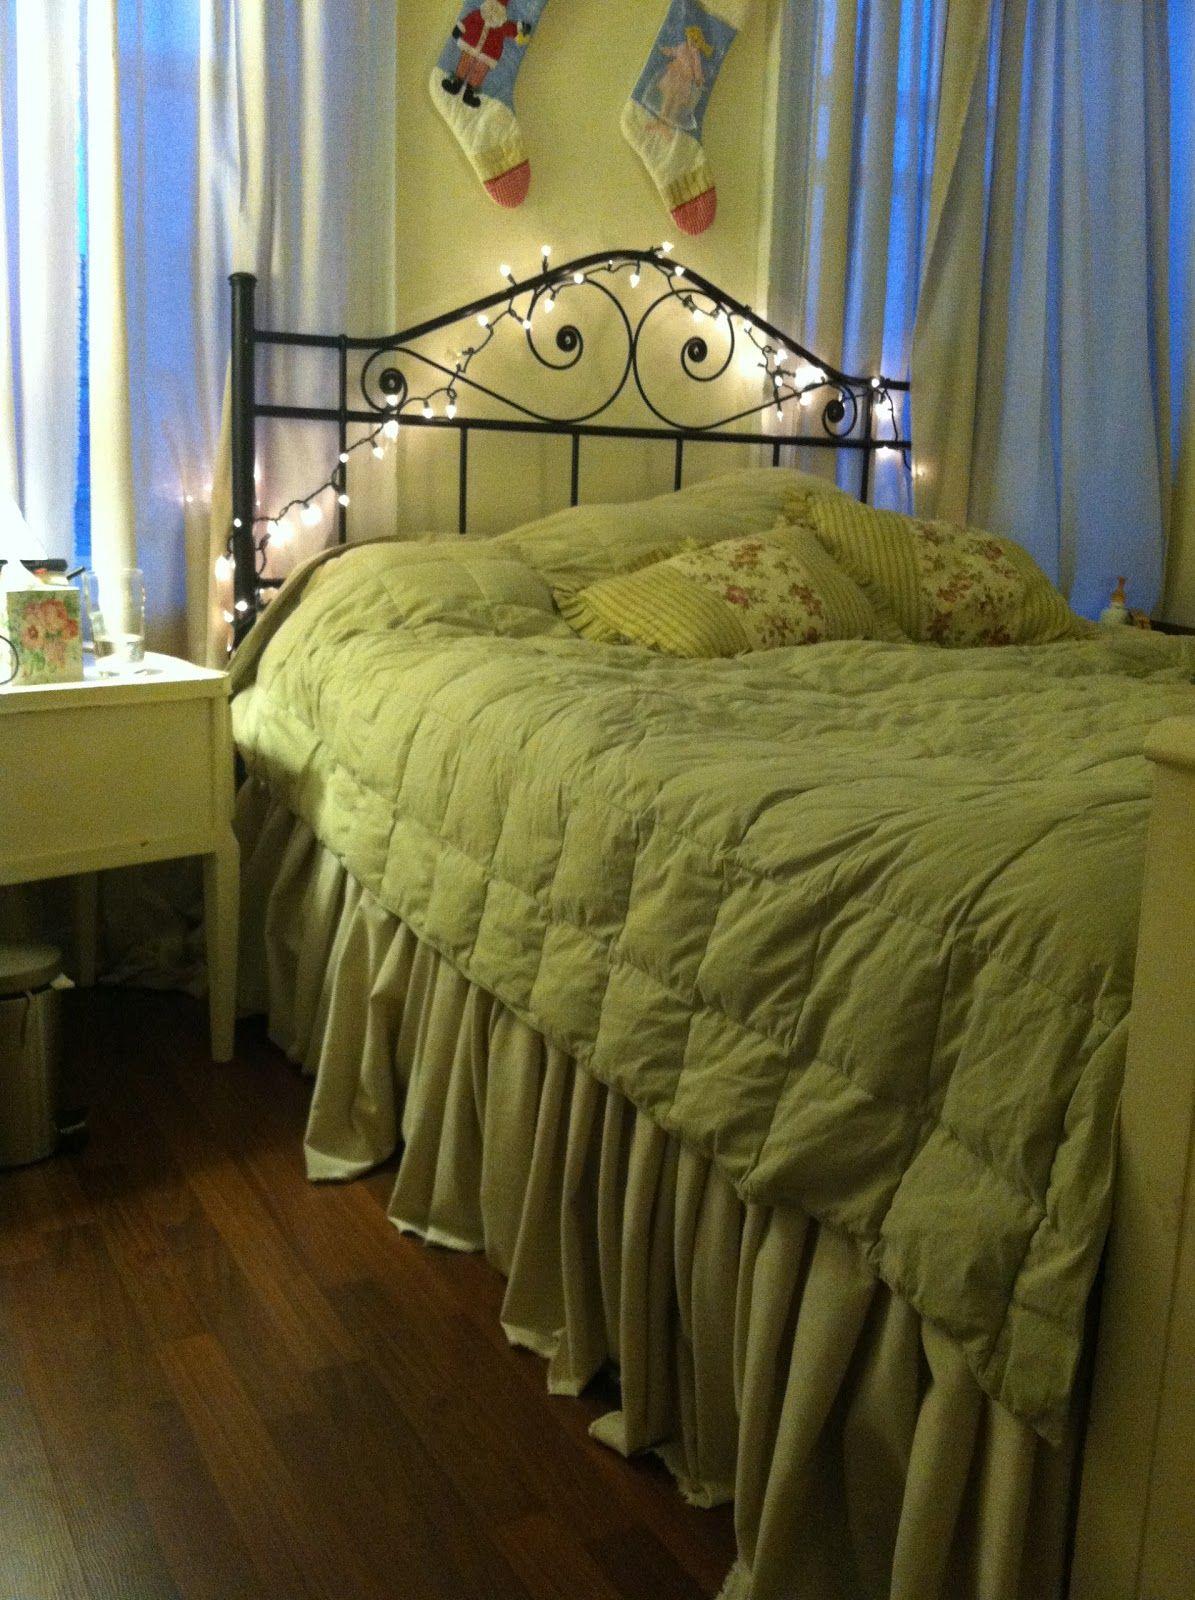 No Sew Bed Skirt Tutorial Bedskirt, Cheap home decor